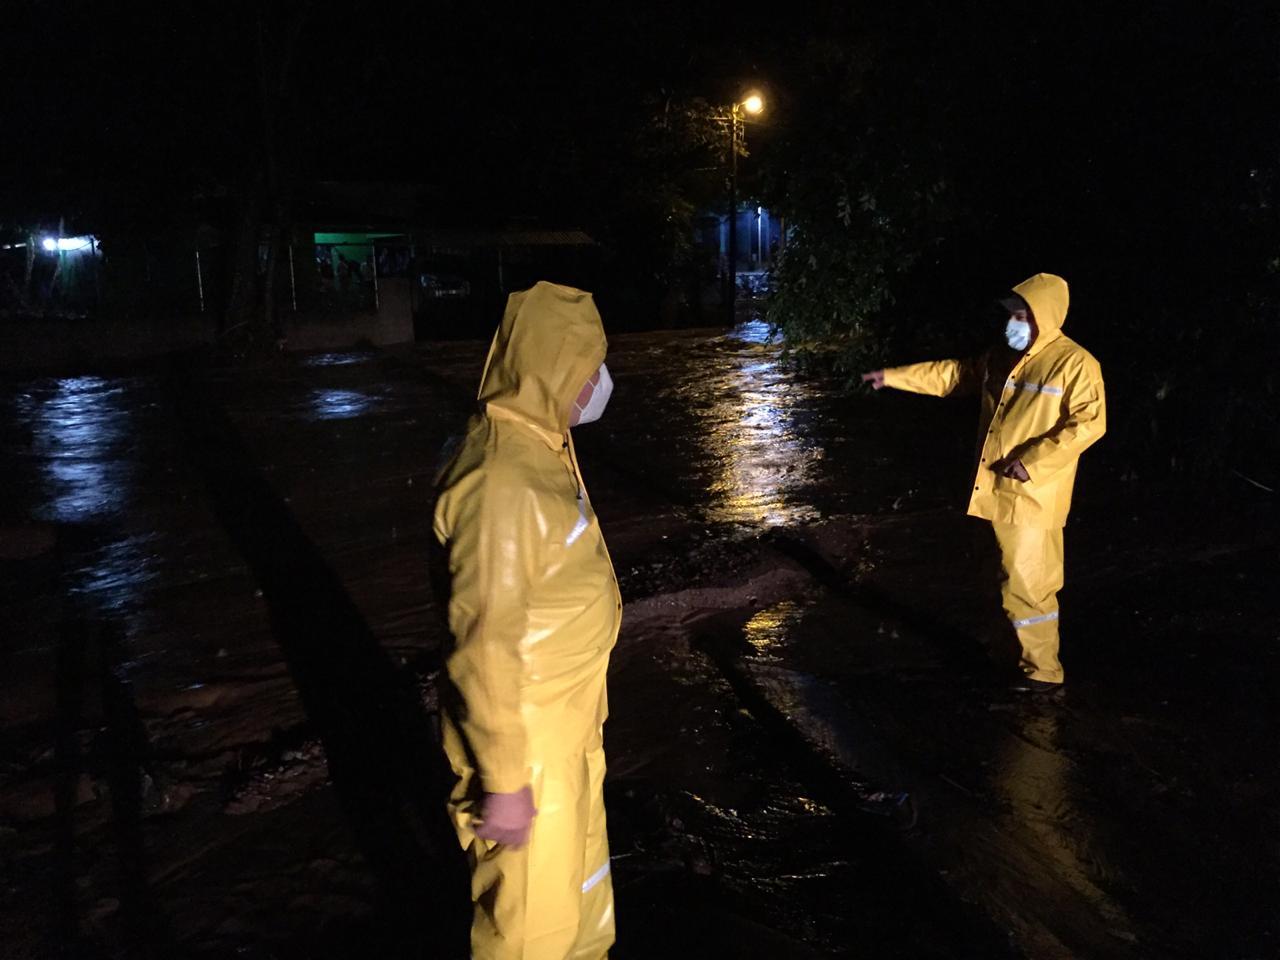 Bomberos atienden emergencia por el desbordamiento de un rio en Marcala, La Paz